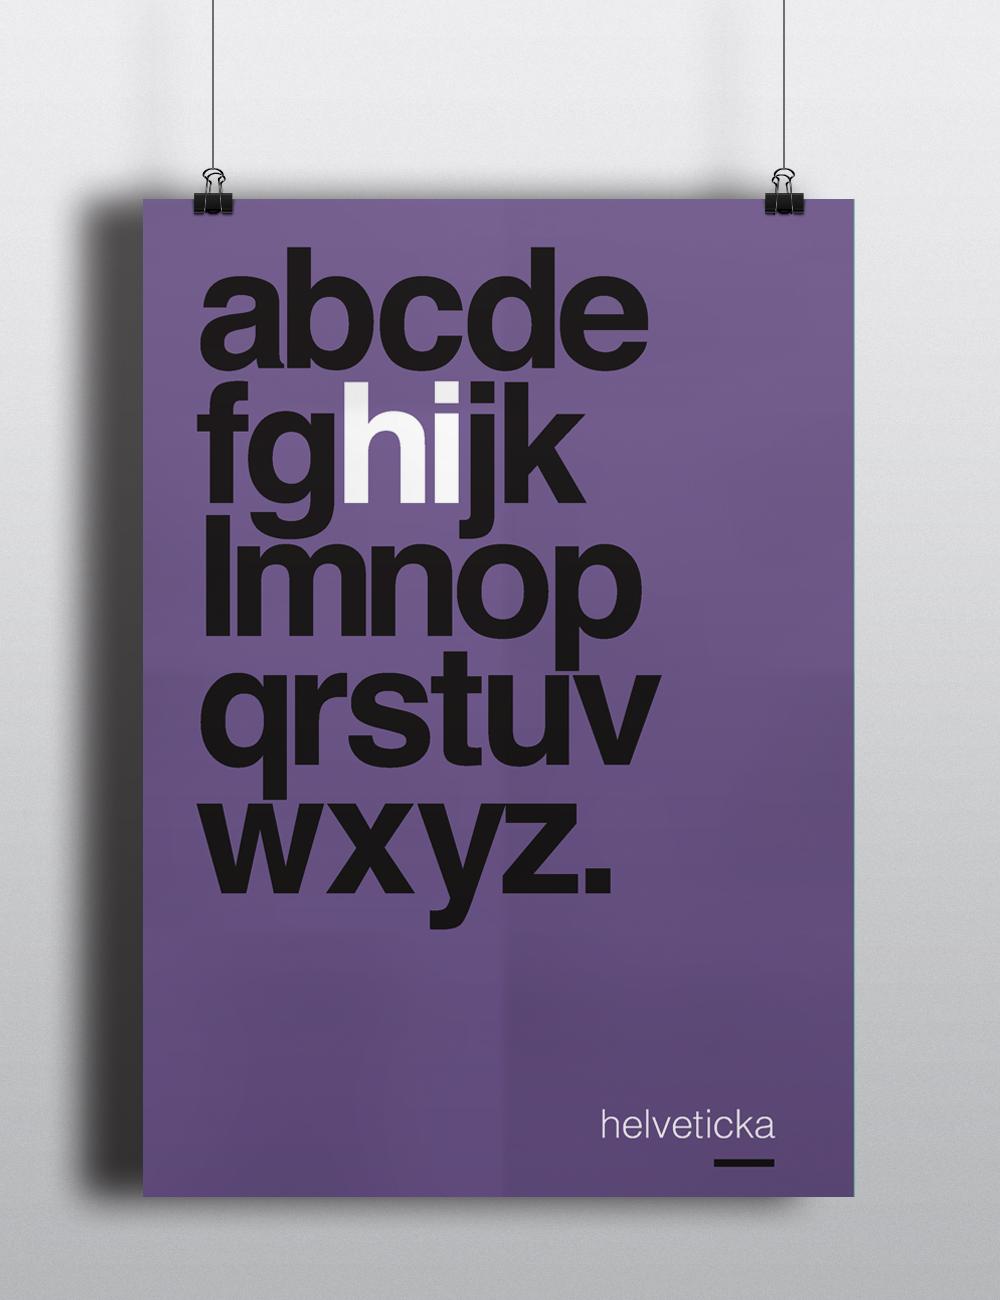 helveticka_Mockup1 copy.png